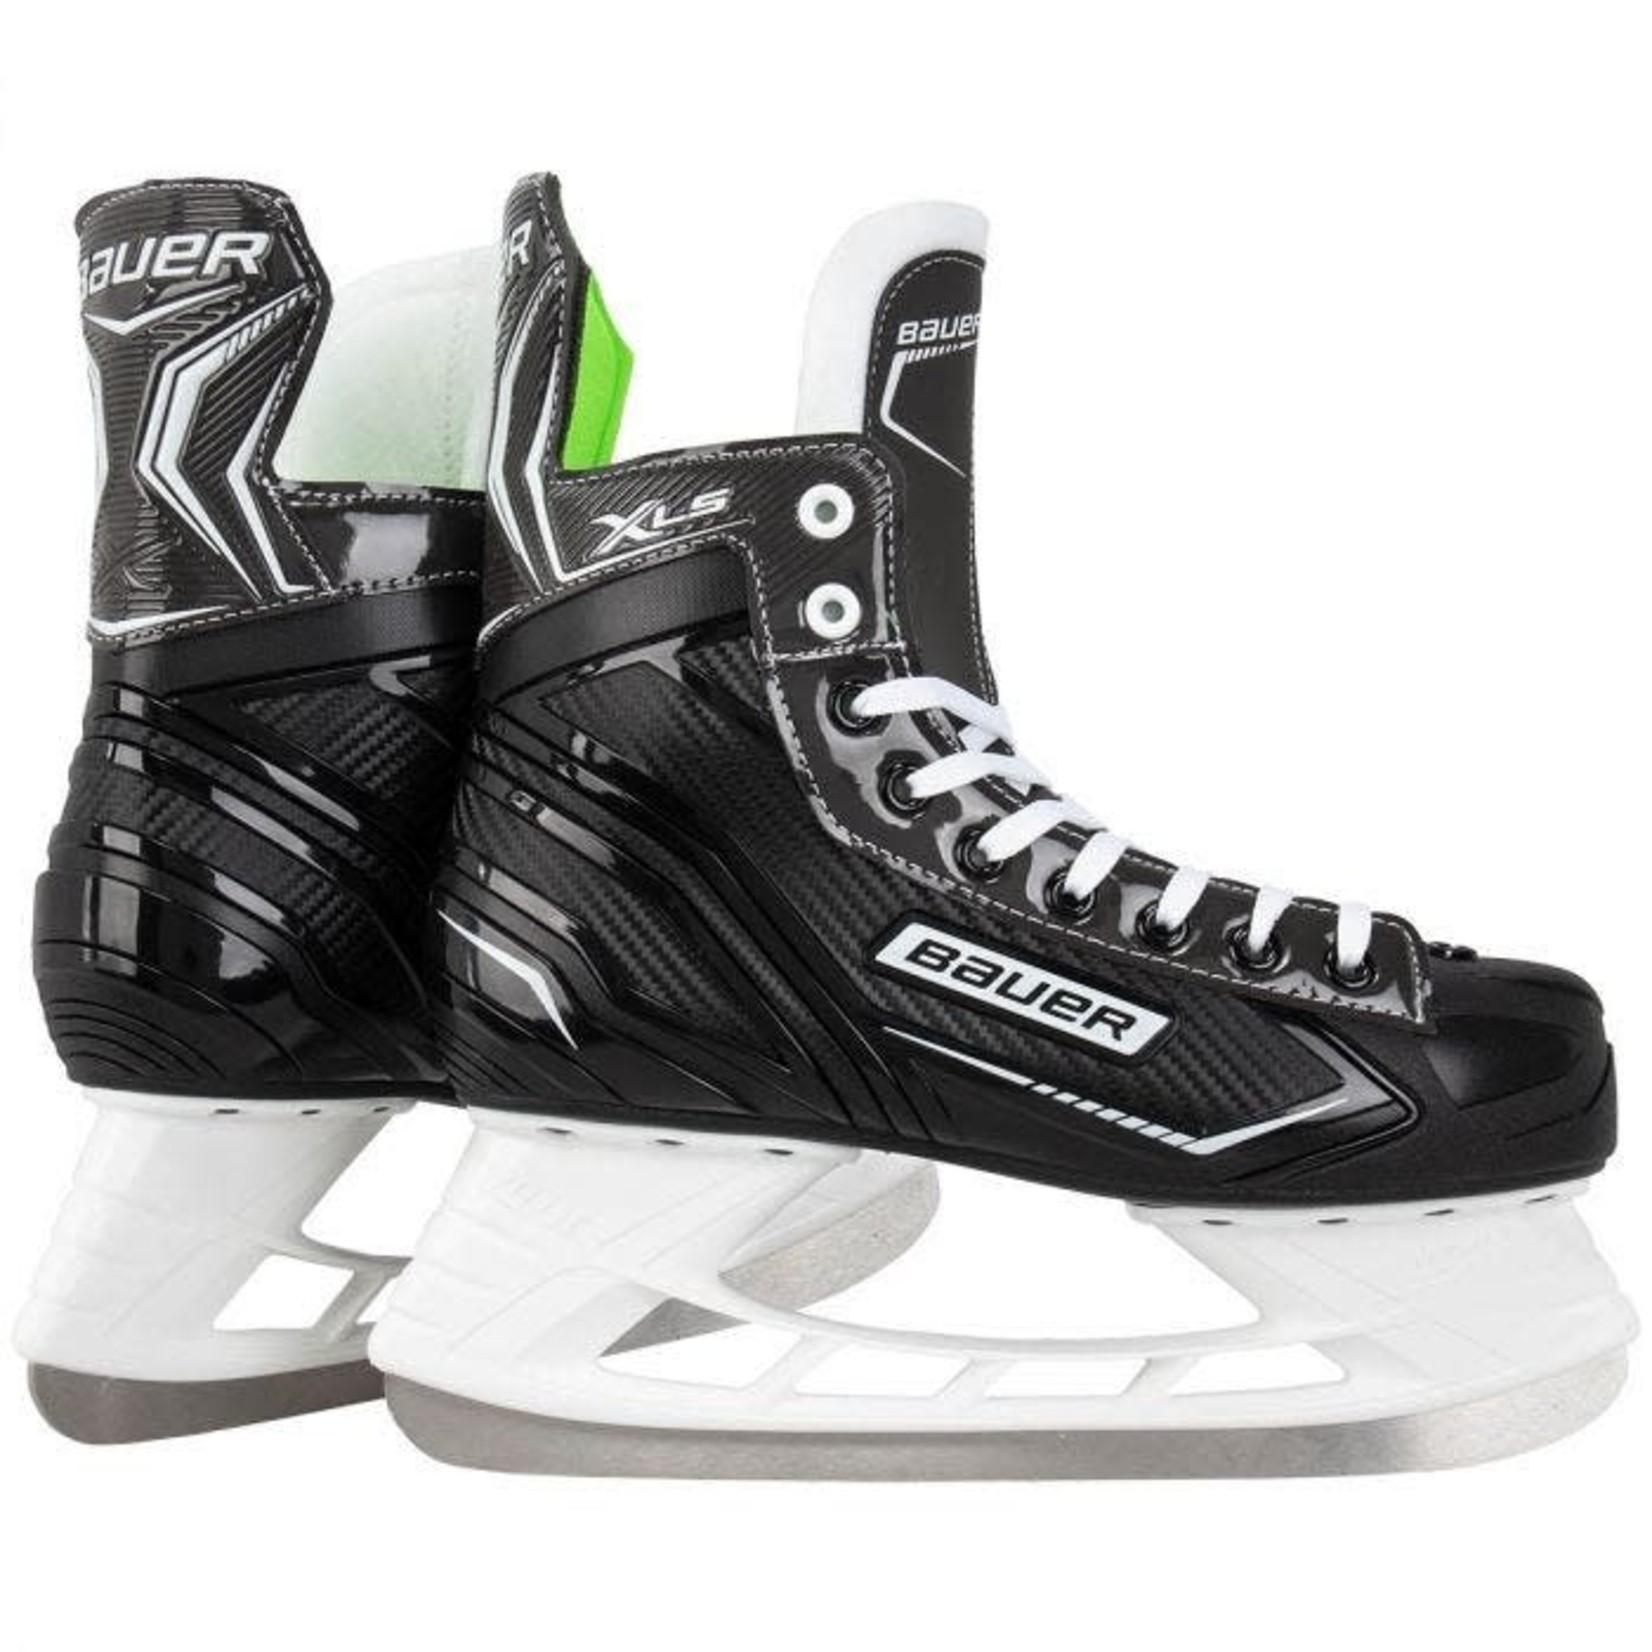 Bauer Bauer Hockey Skates, X-LS, Intermediate